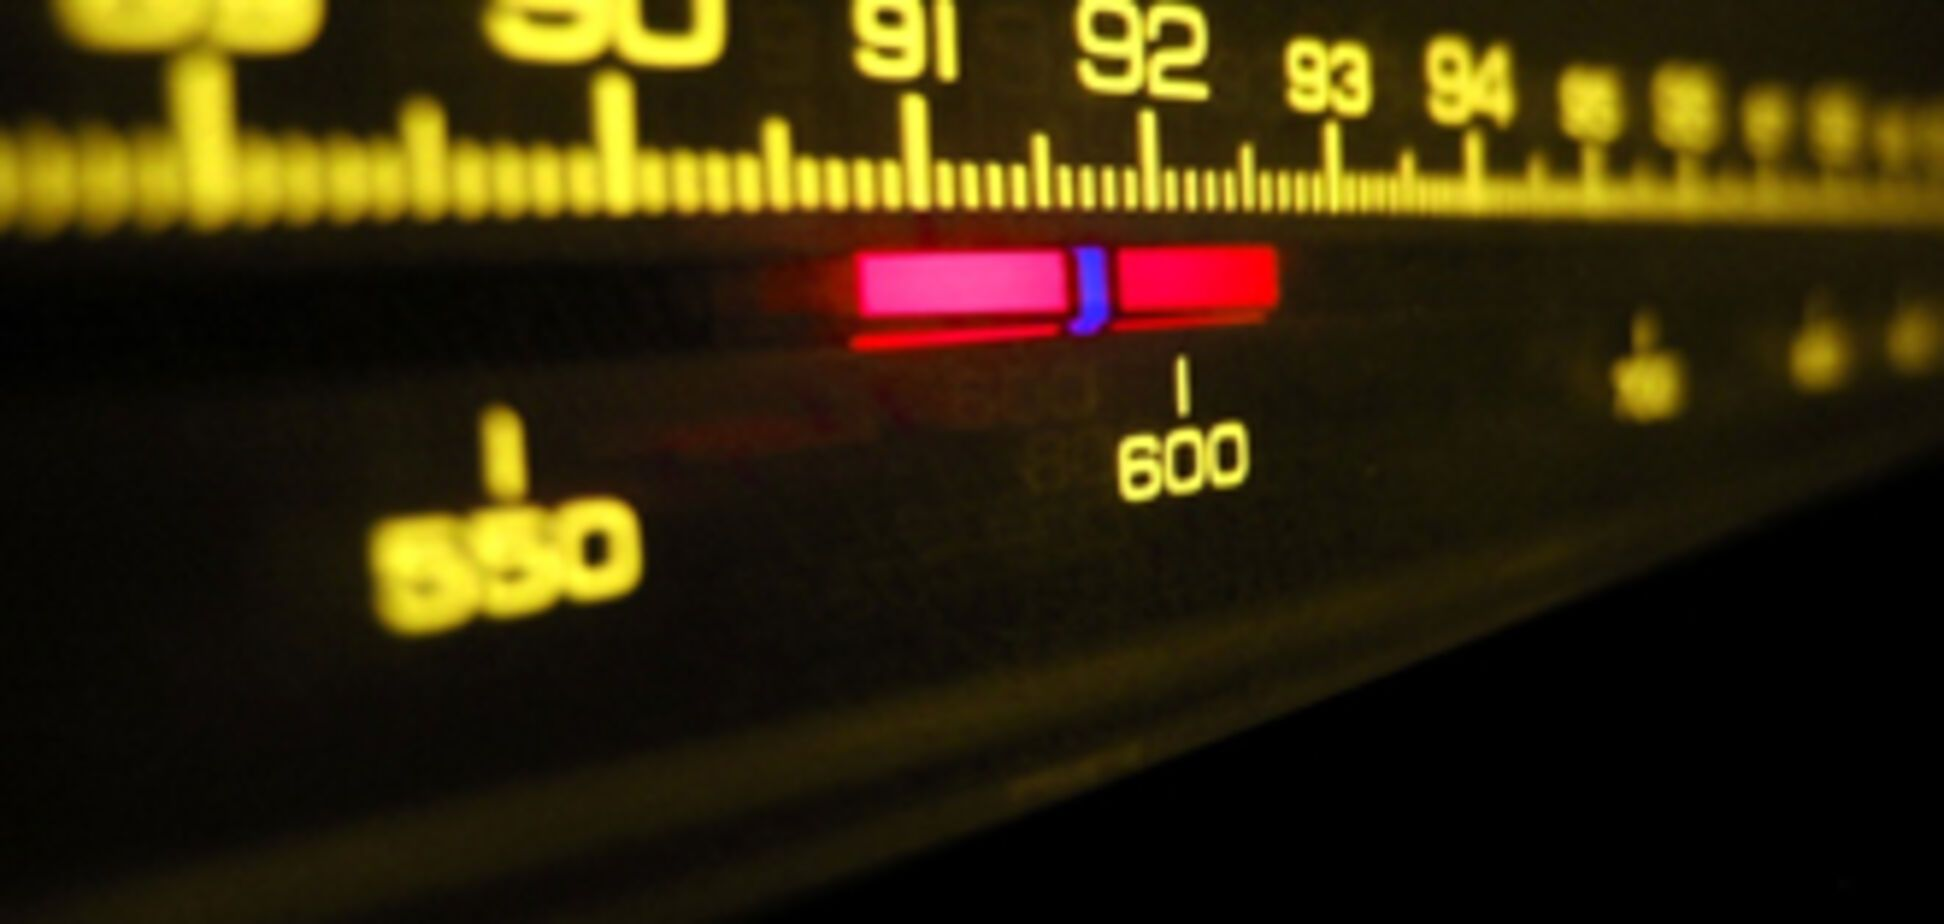 Радио 'Мелодия' выиграло суд у Нацсовета